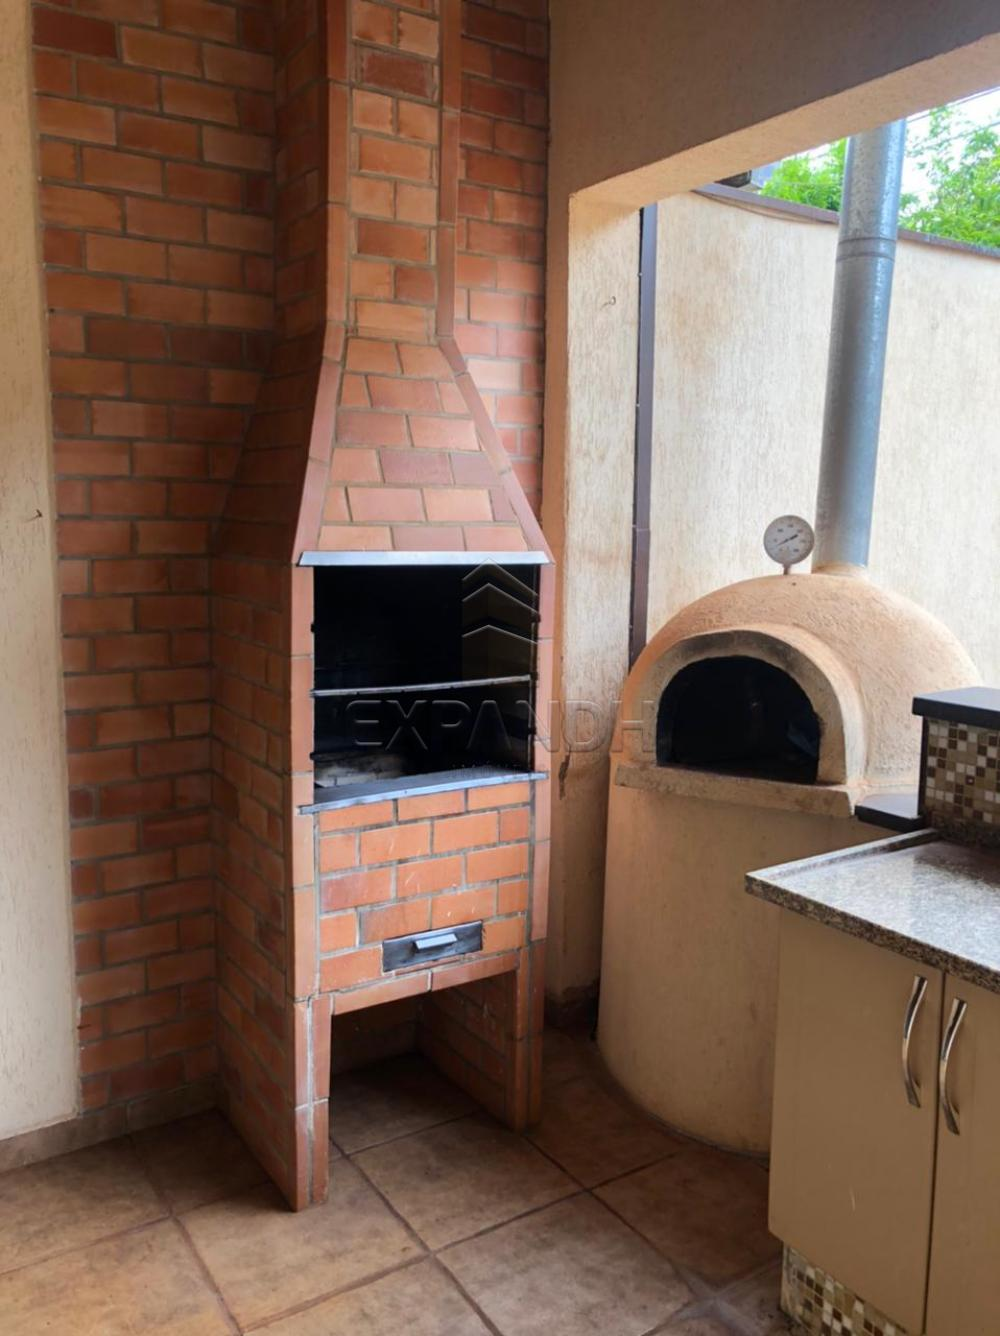 Alugar Casas / Padrão em Sertãozinho apenas R$ 1.500,00 - Foto 5